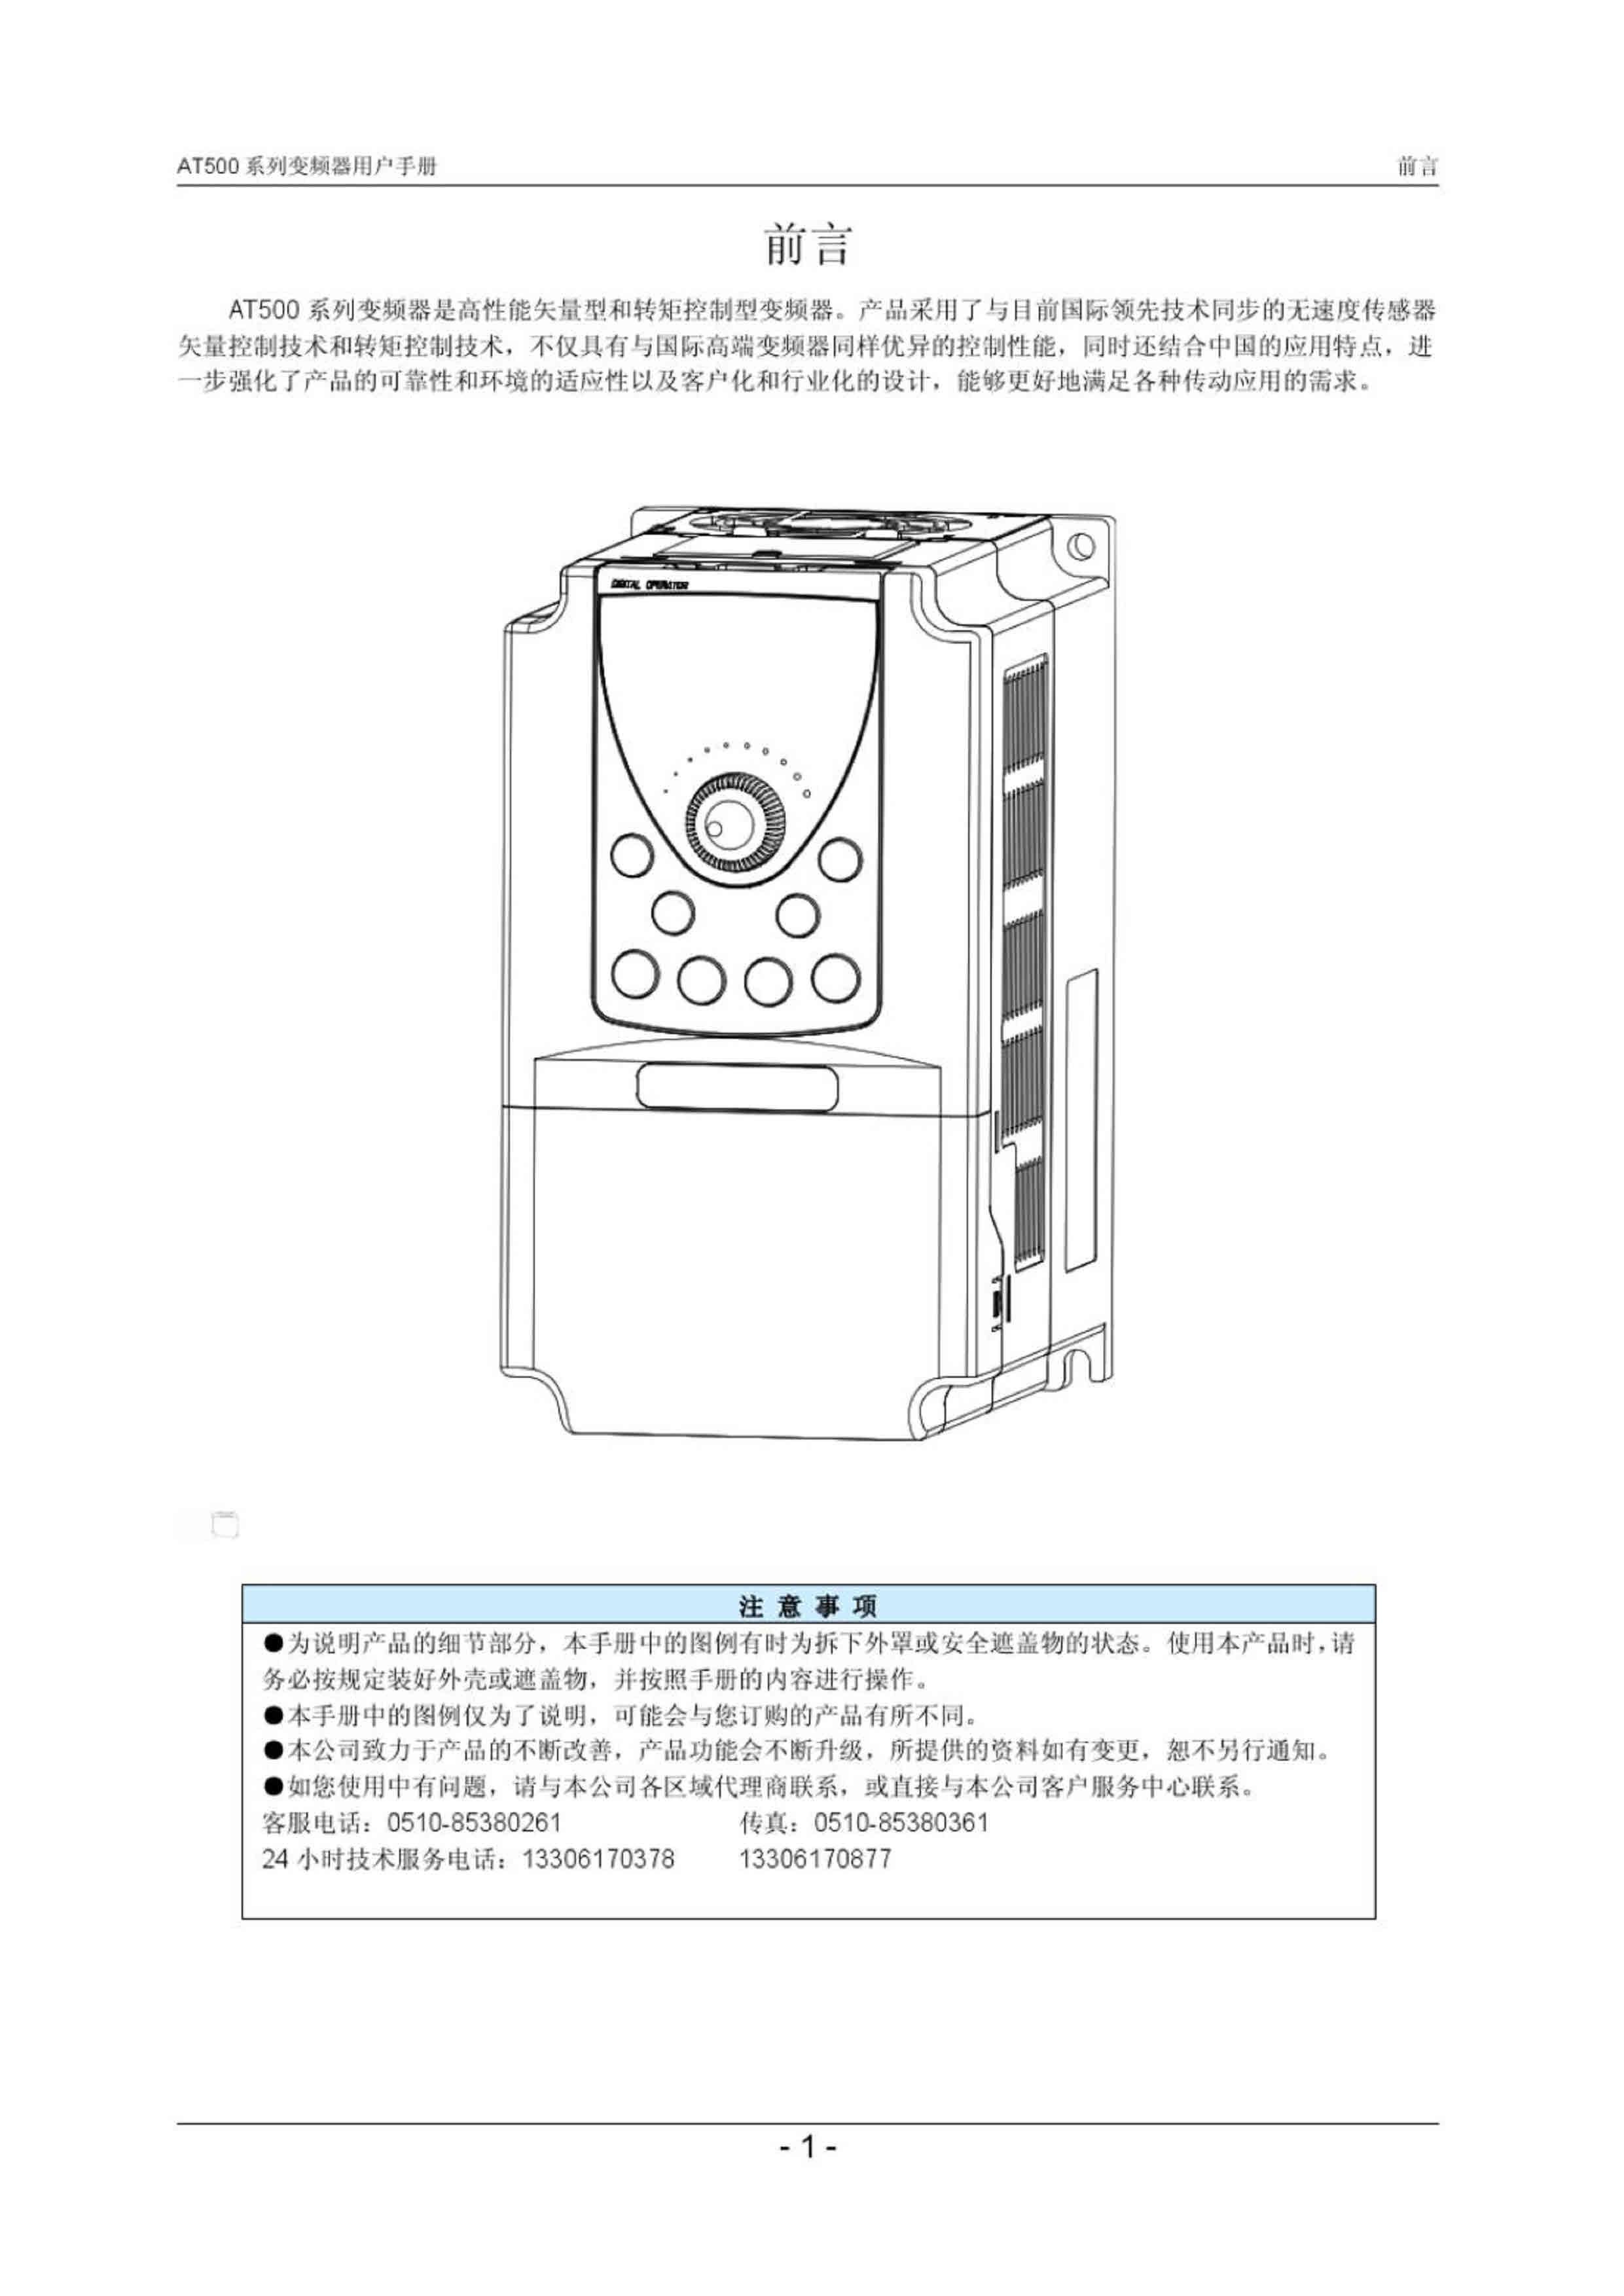 艾克特AT500系列高性能矢量型变频器说明书V1.03